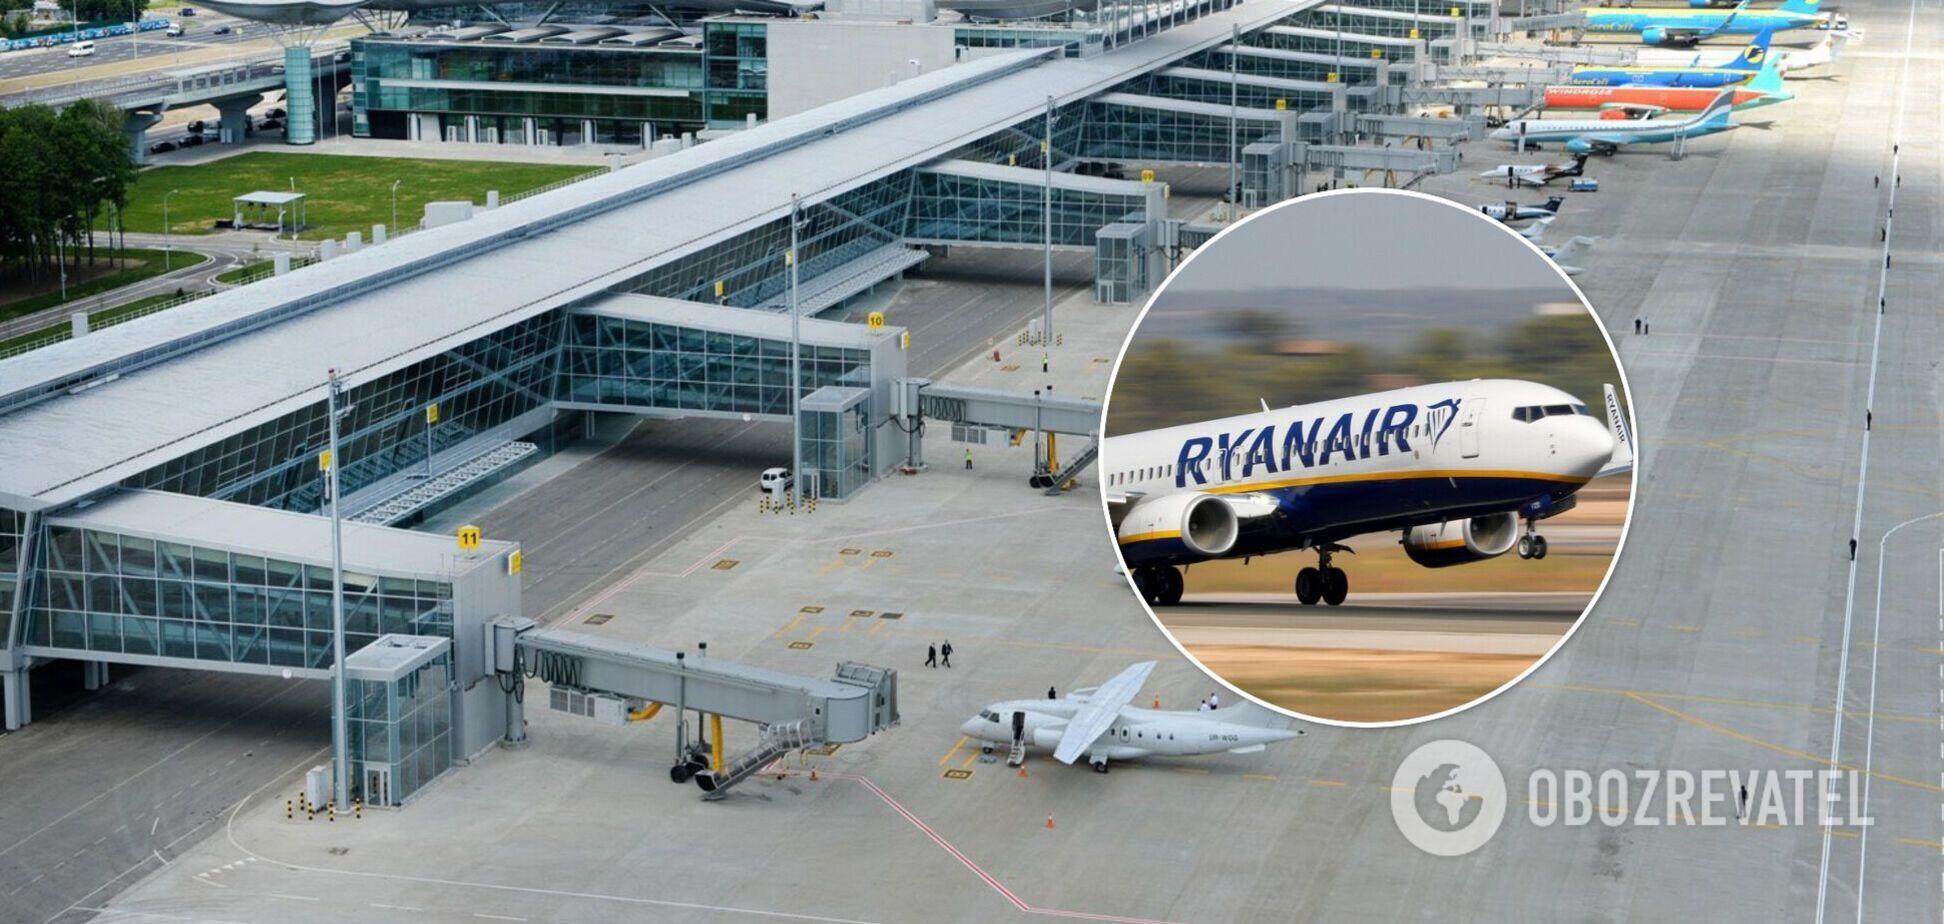 Украинцы не смогли вылететь из 'Борисполя' в Италию: рейс внезапно отменили. Фото